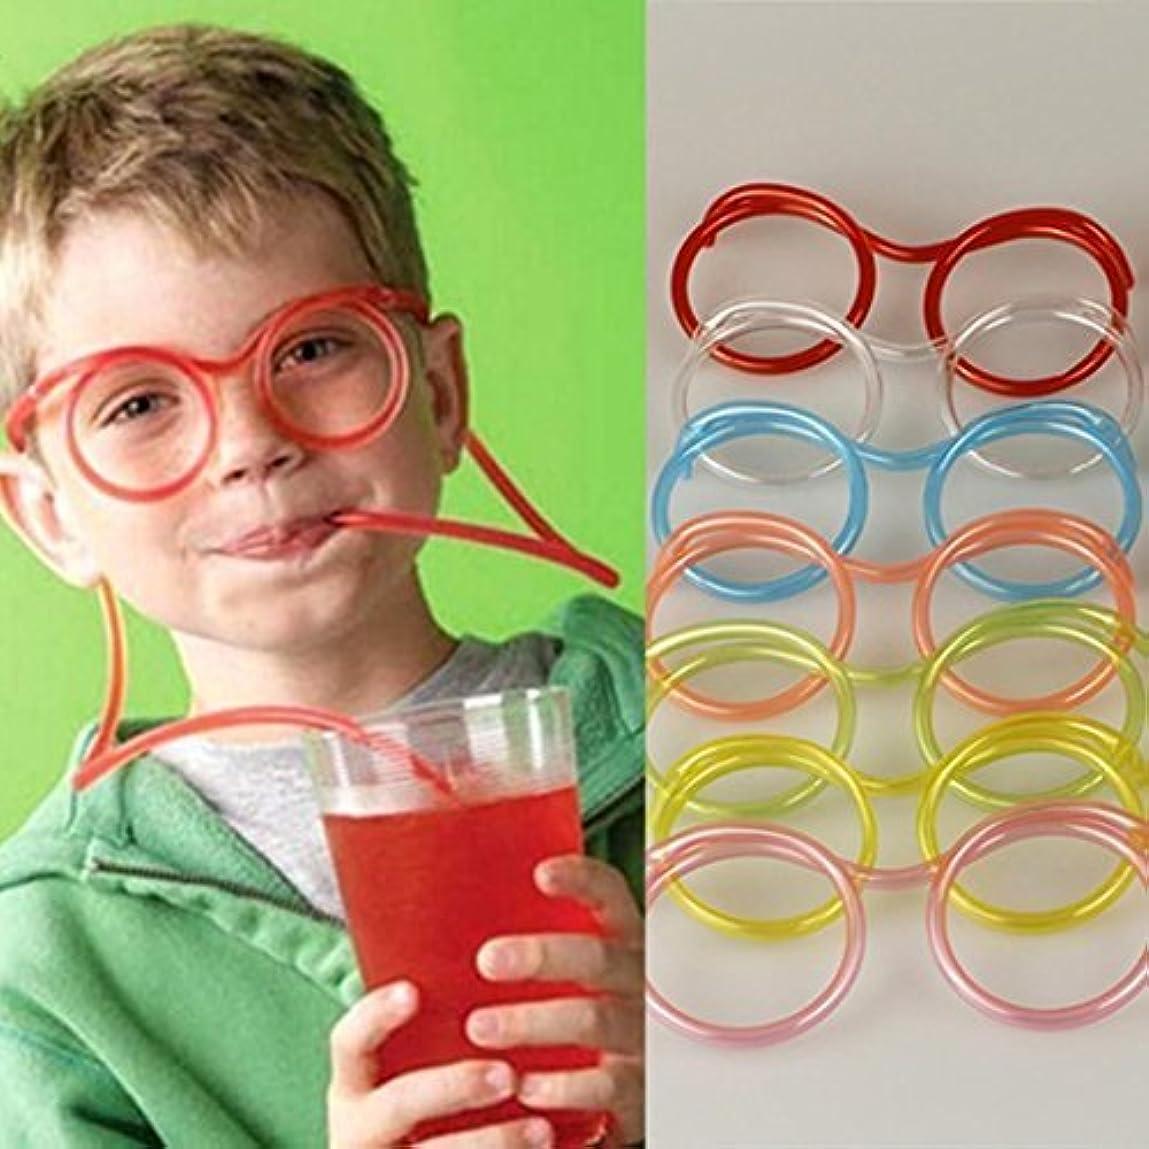 音声学パントリーアセンブリ子供の狂った管の柔軟なギフトパーティーストロー楽しい目新しさを飲んでガラスの供給